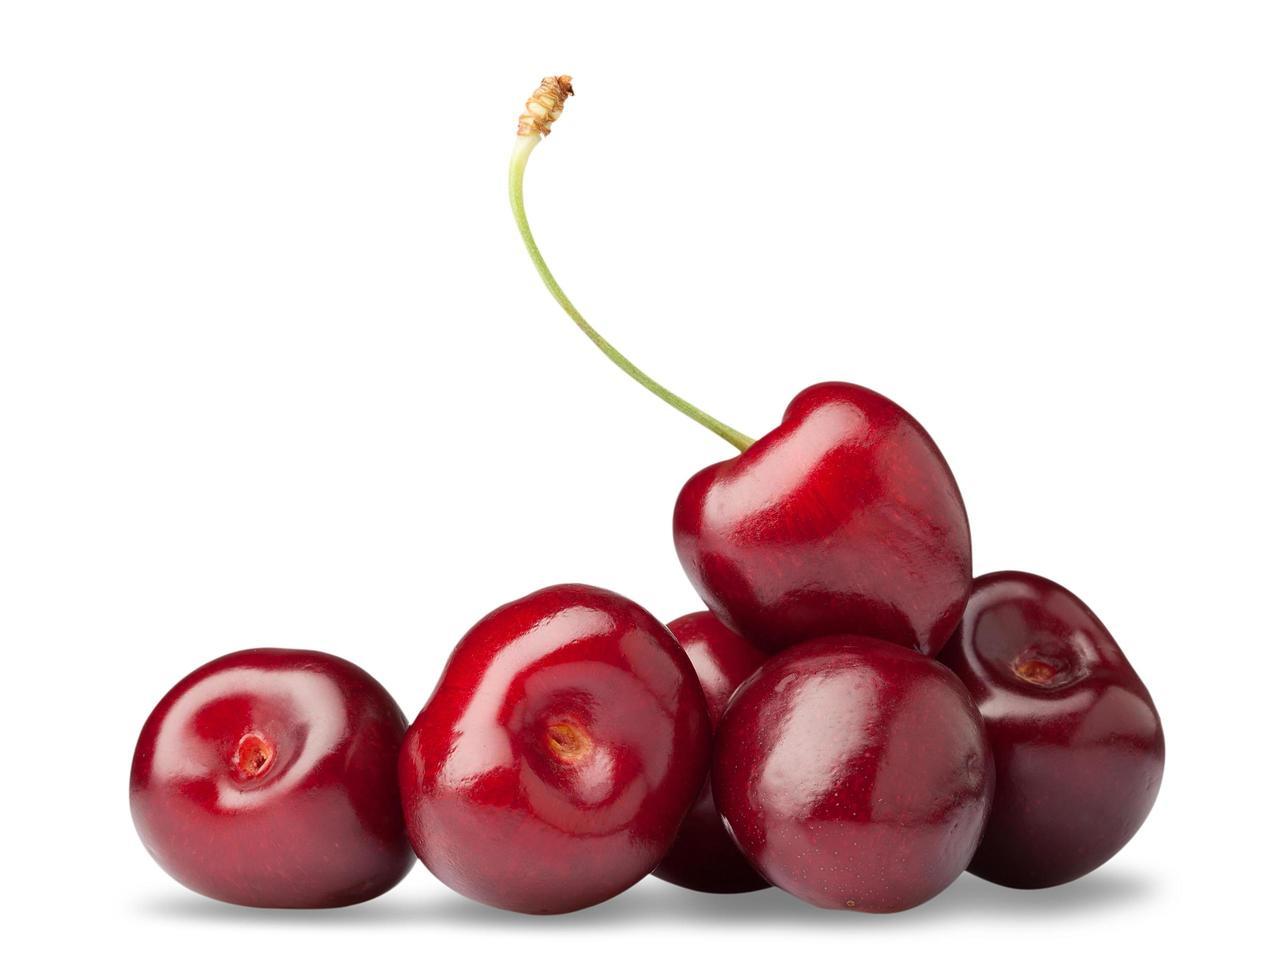 eine Handvoll rote Kirsche foto